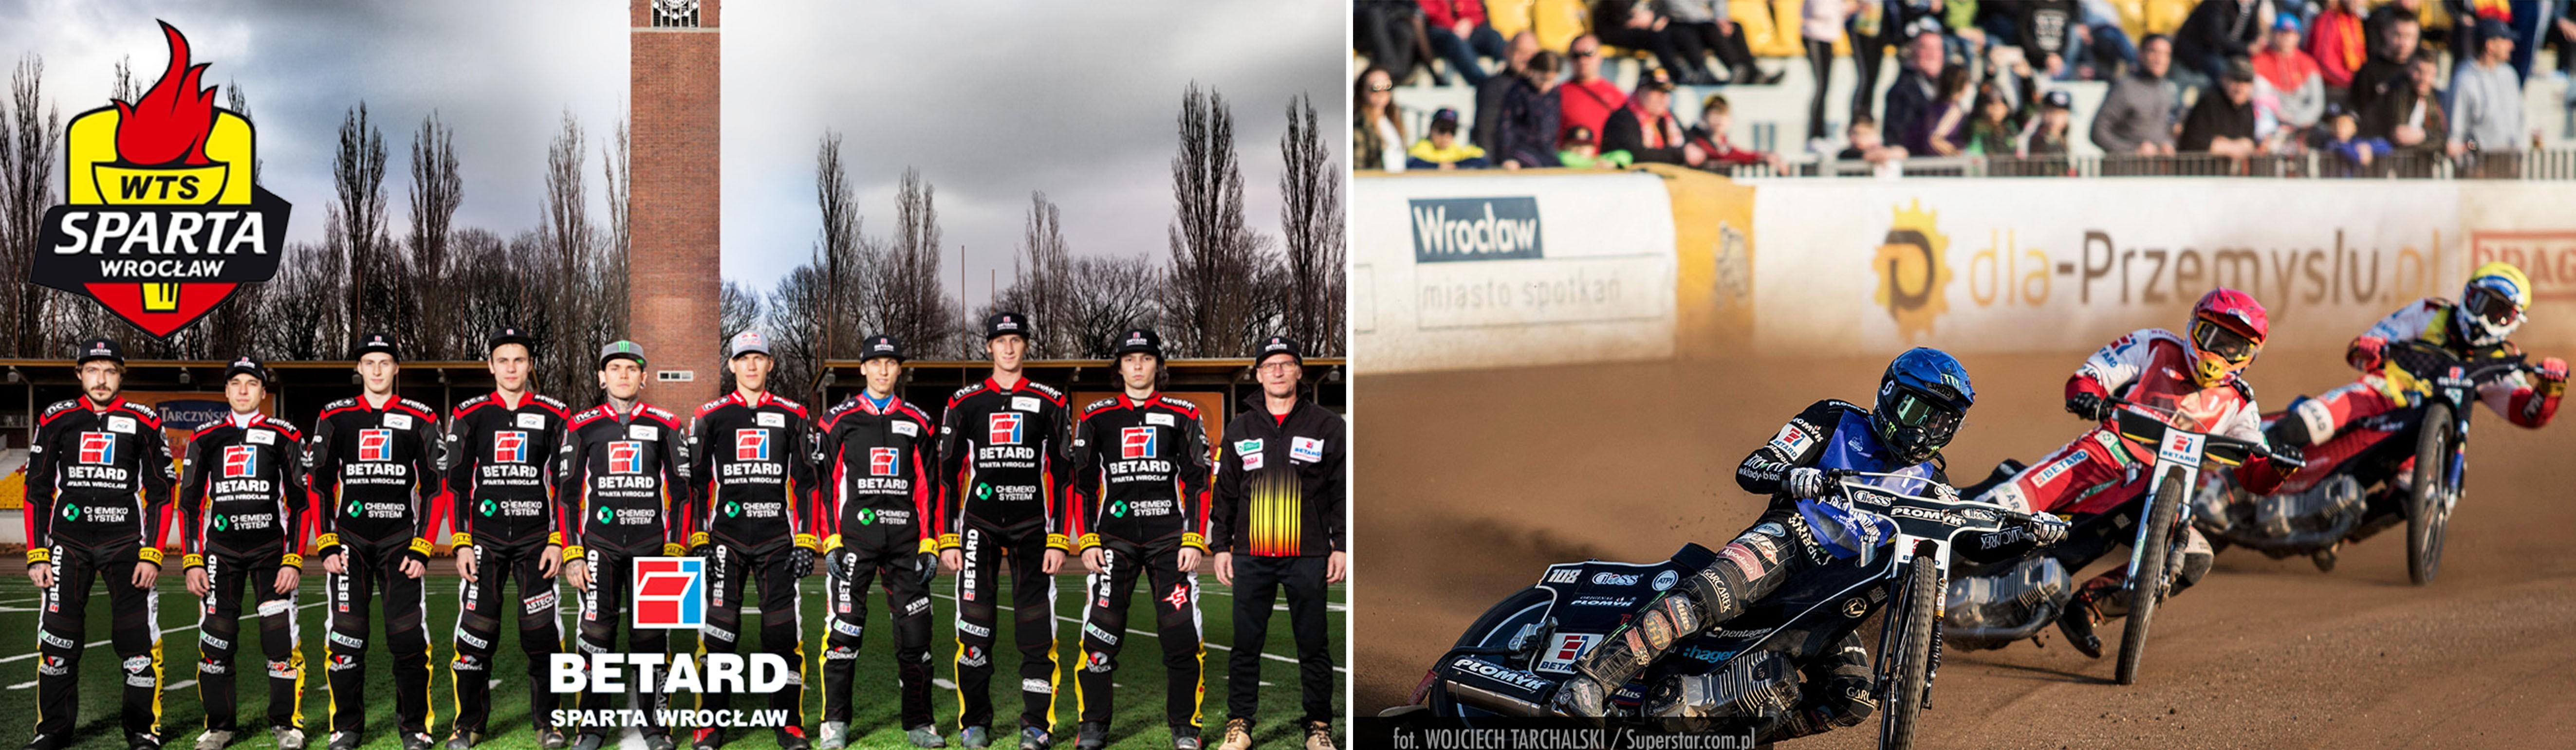 Z dumą wspieramy WTS Spartę Wrocław w walce o trofeum w najlepszej lidze żużlowej świata!